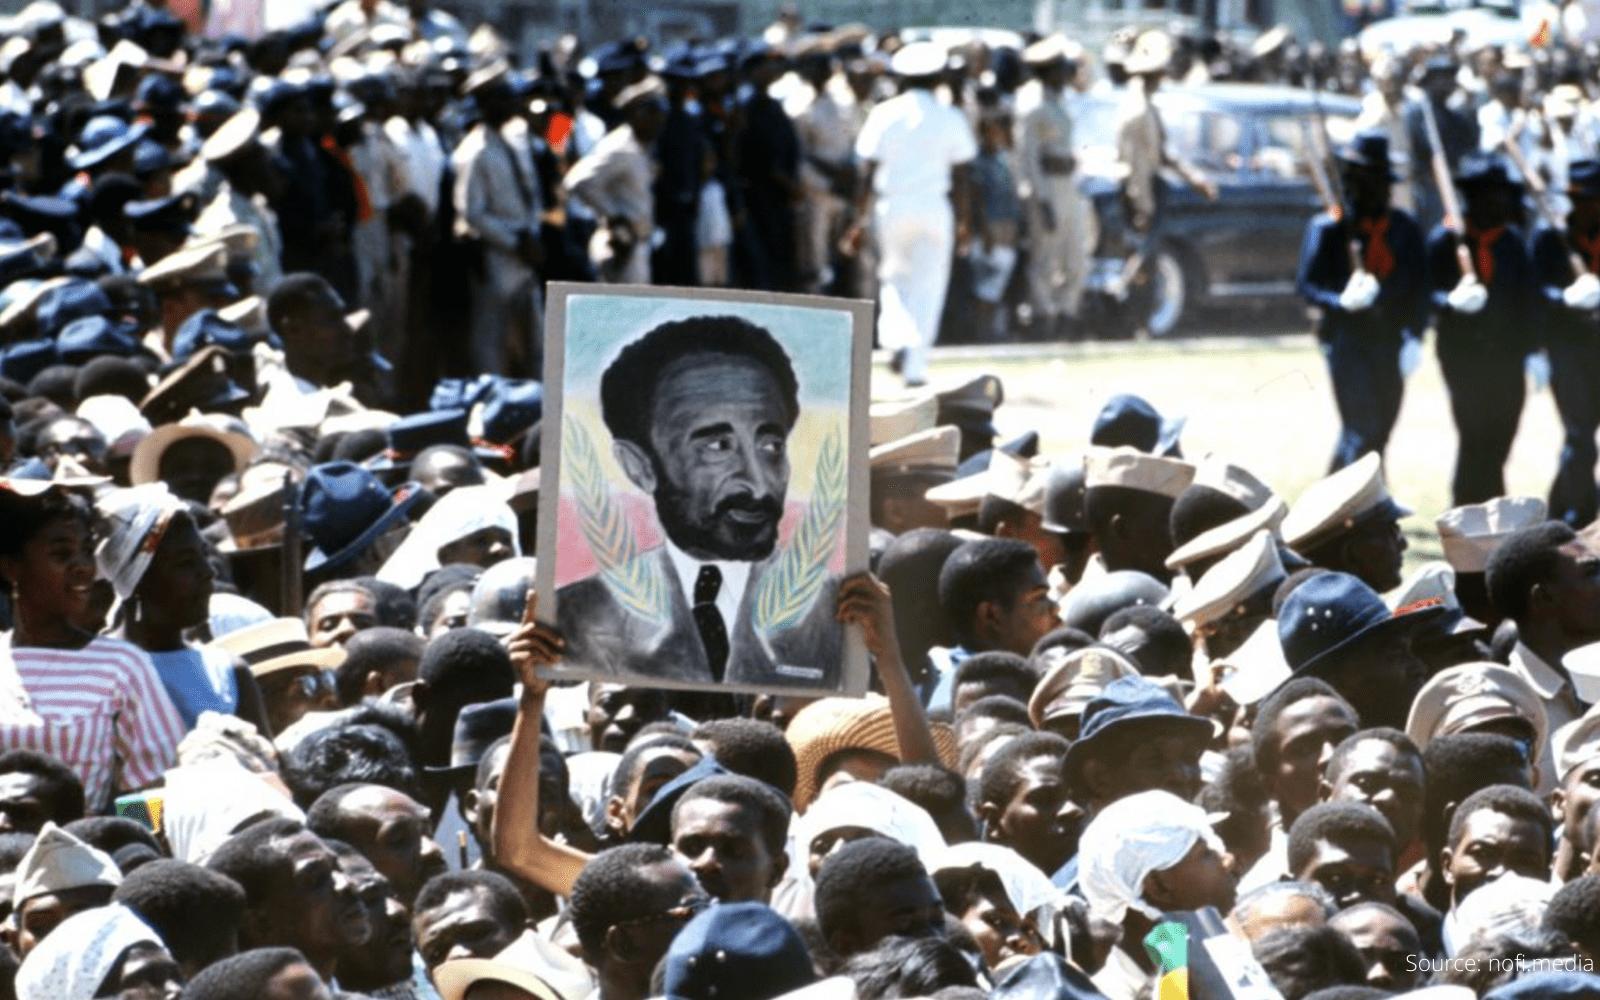 Personnes manifestant dans la rue lors de la mort de l'empereur d'Éthiopie haile selassie